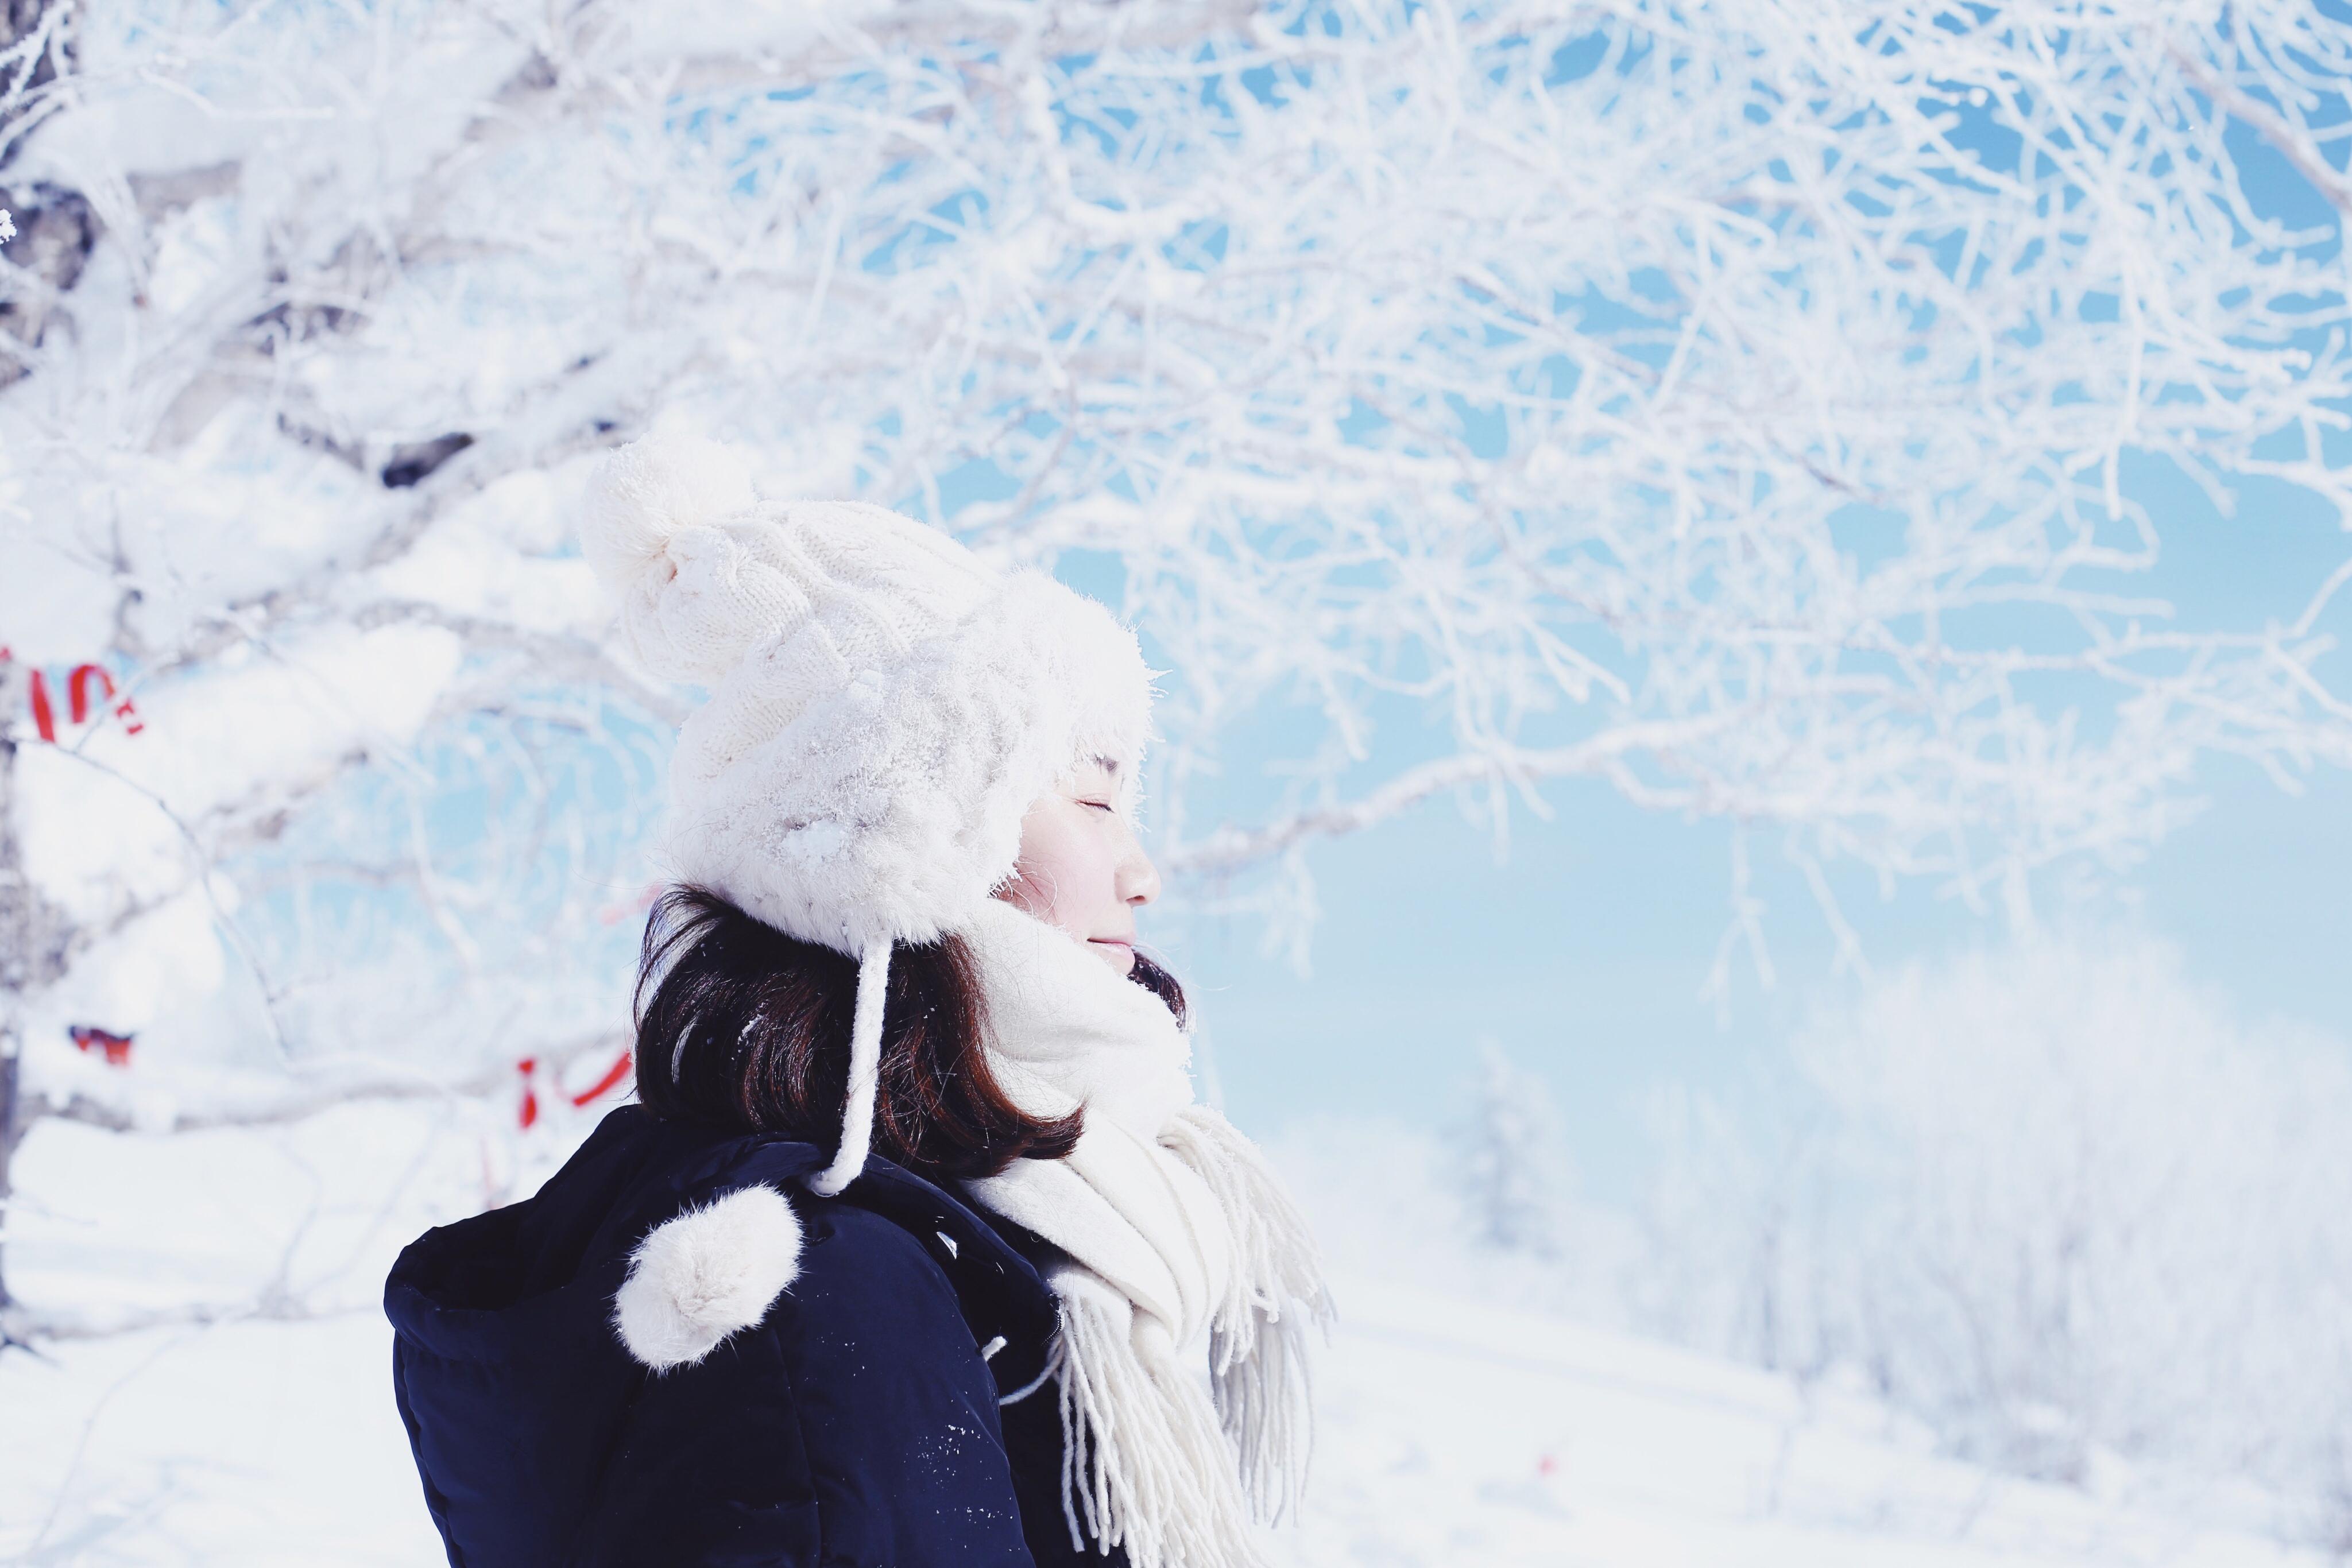 哈尔滨、亚布力滑雪、雪乡、露水河漂流、镜泊湖、雪浴温泉、长白山巴士7日深度游户外徒步 露水河漂流 雪乡观景 2晚温泉酒店 2晚特色民宿  赏雾凇 观二人转